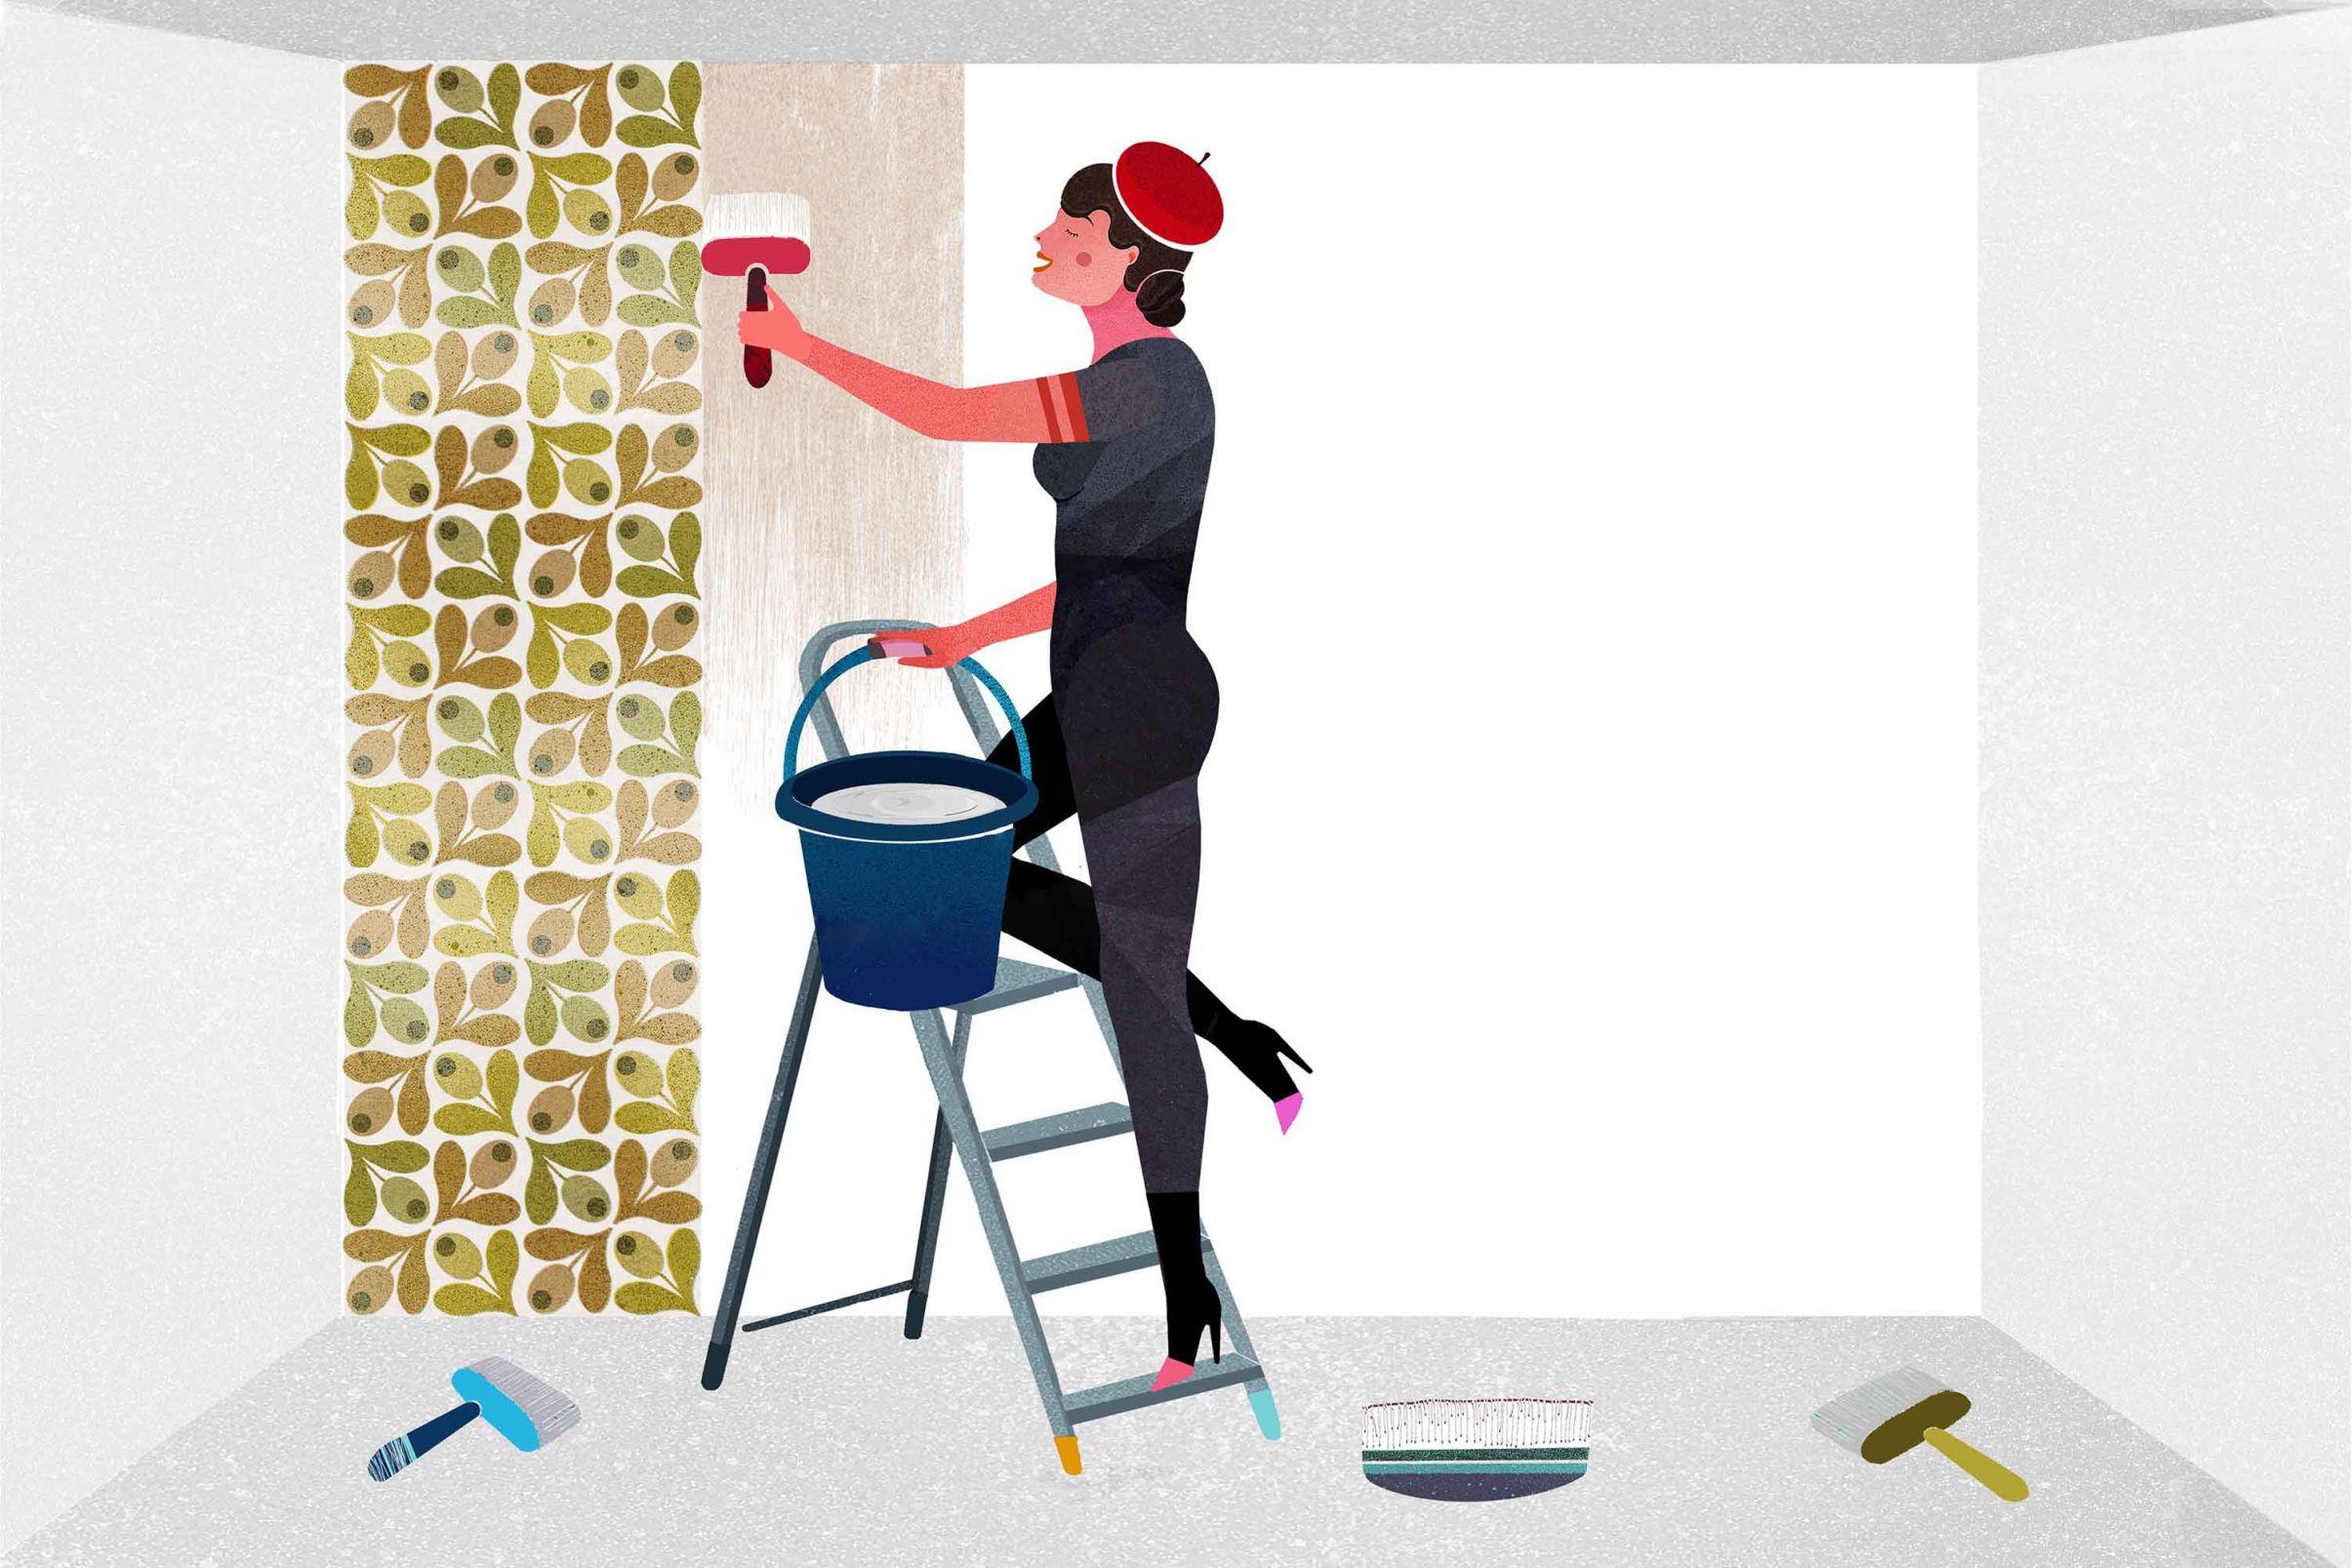 Como-colocar-papel-pintado-tejido-no-tejido-Aplicar-la-pasta-a-la-pared